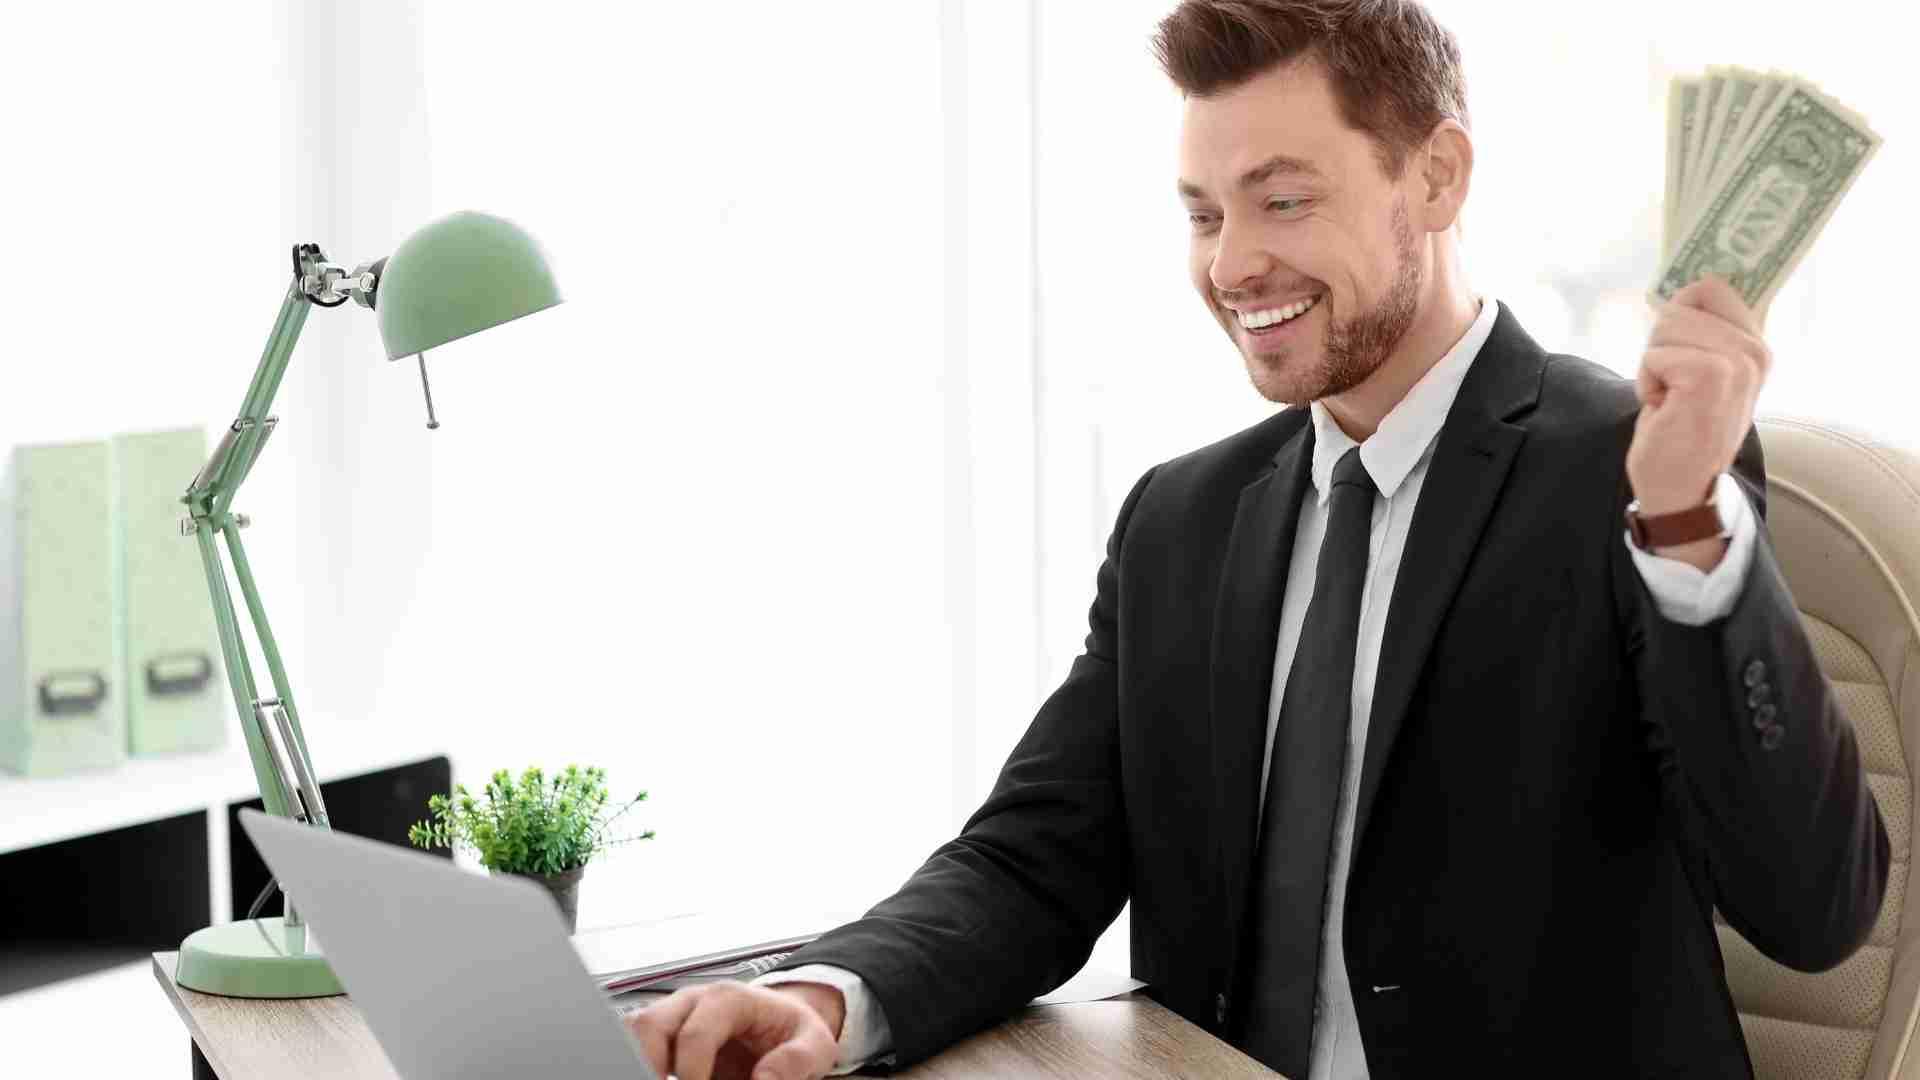 Analice toda la actividad financiera del negocio fácilmente con ayuda de Acumatica ERP y ClandBus